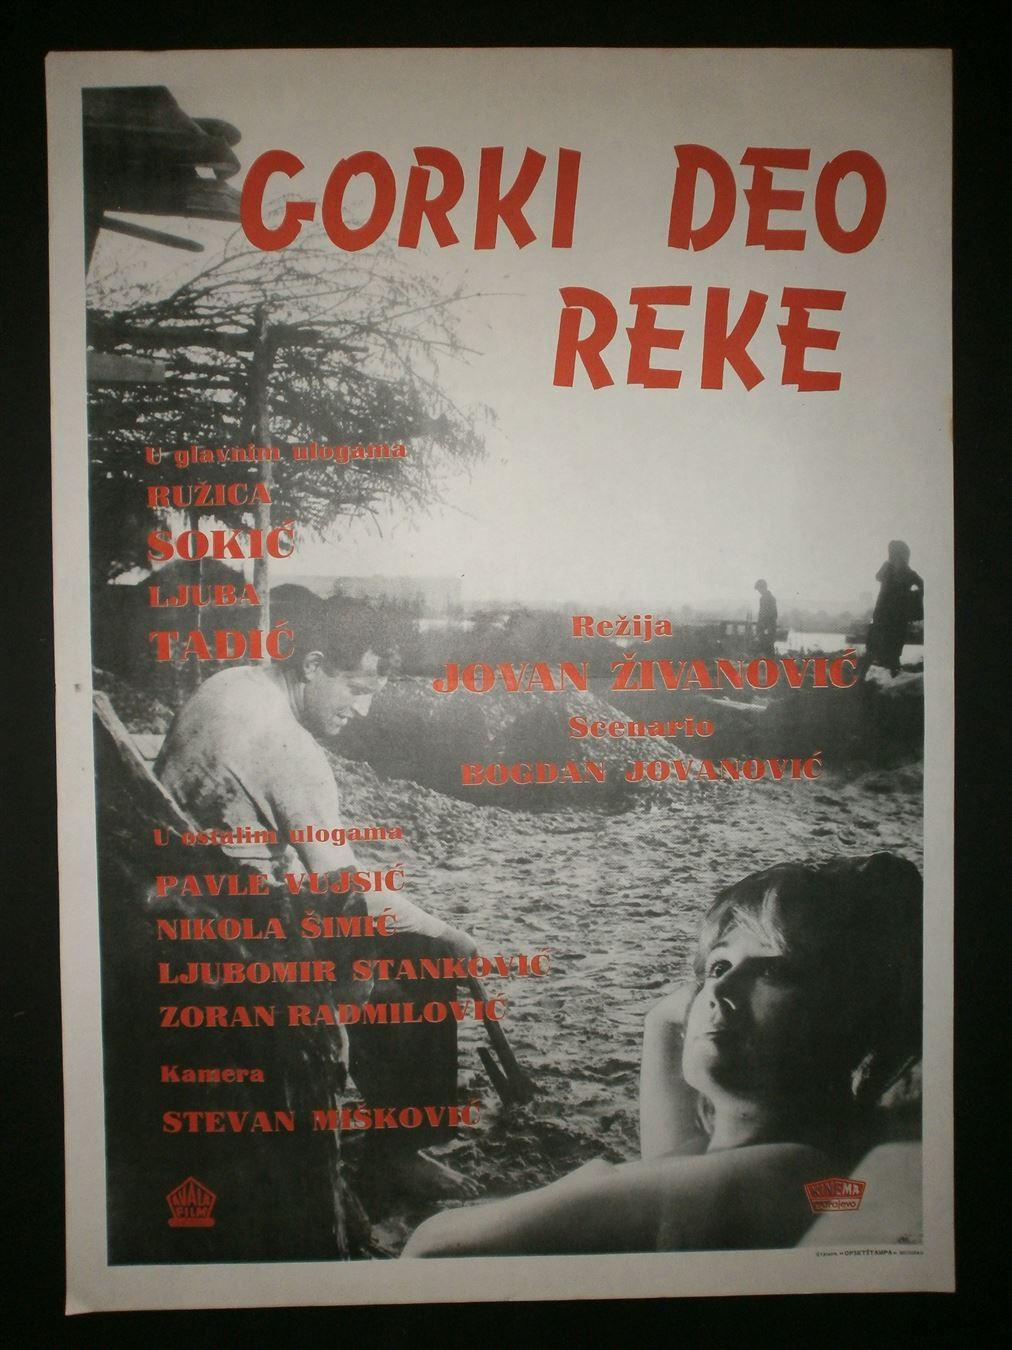 GORKI-DEO-REKE-1965-Ljuba-Tadic-FILMSKI-